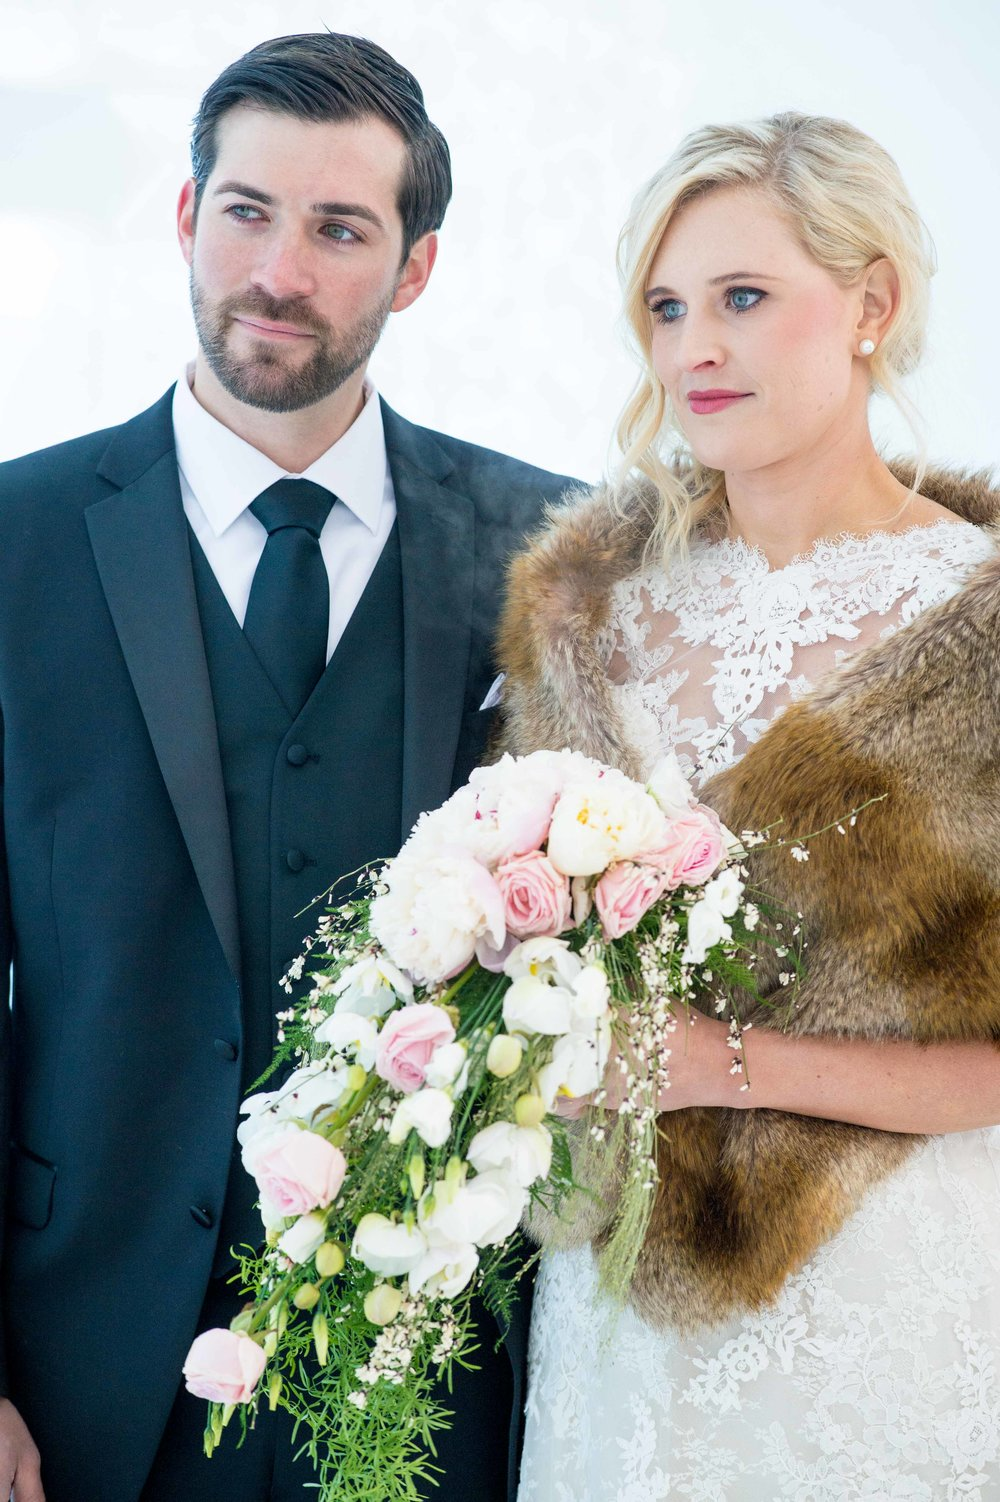 R&B - Wedding photos -ICEHOTEL by - Asaf Kliger (11 of 26).jpg